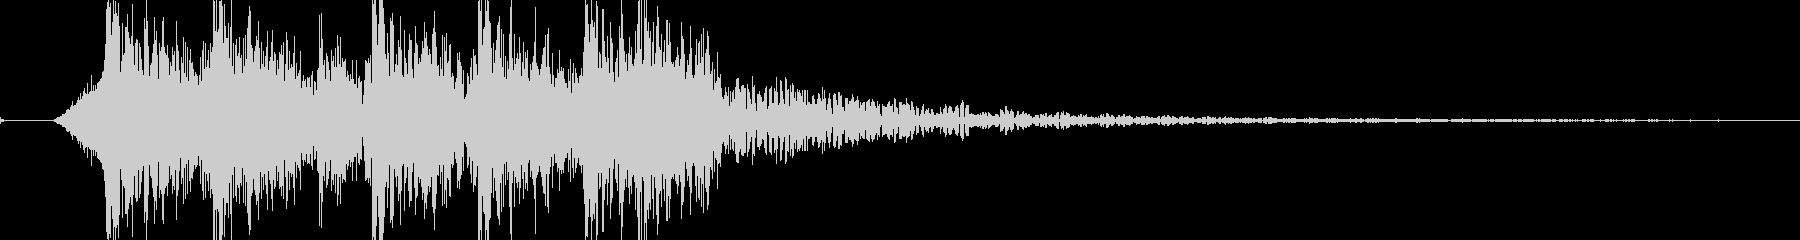 迫力あるロック・メタルのジングル 01の未再生の波形